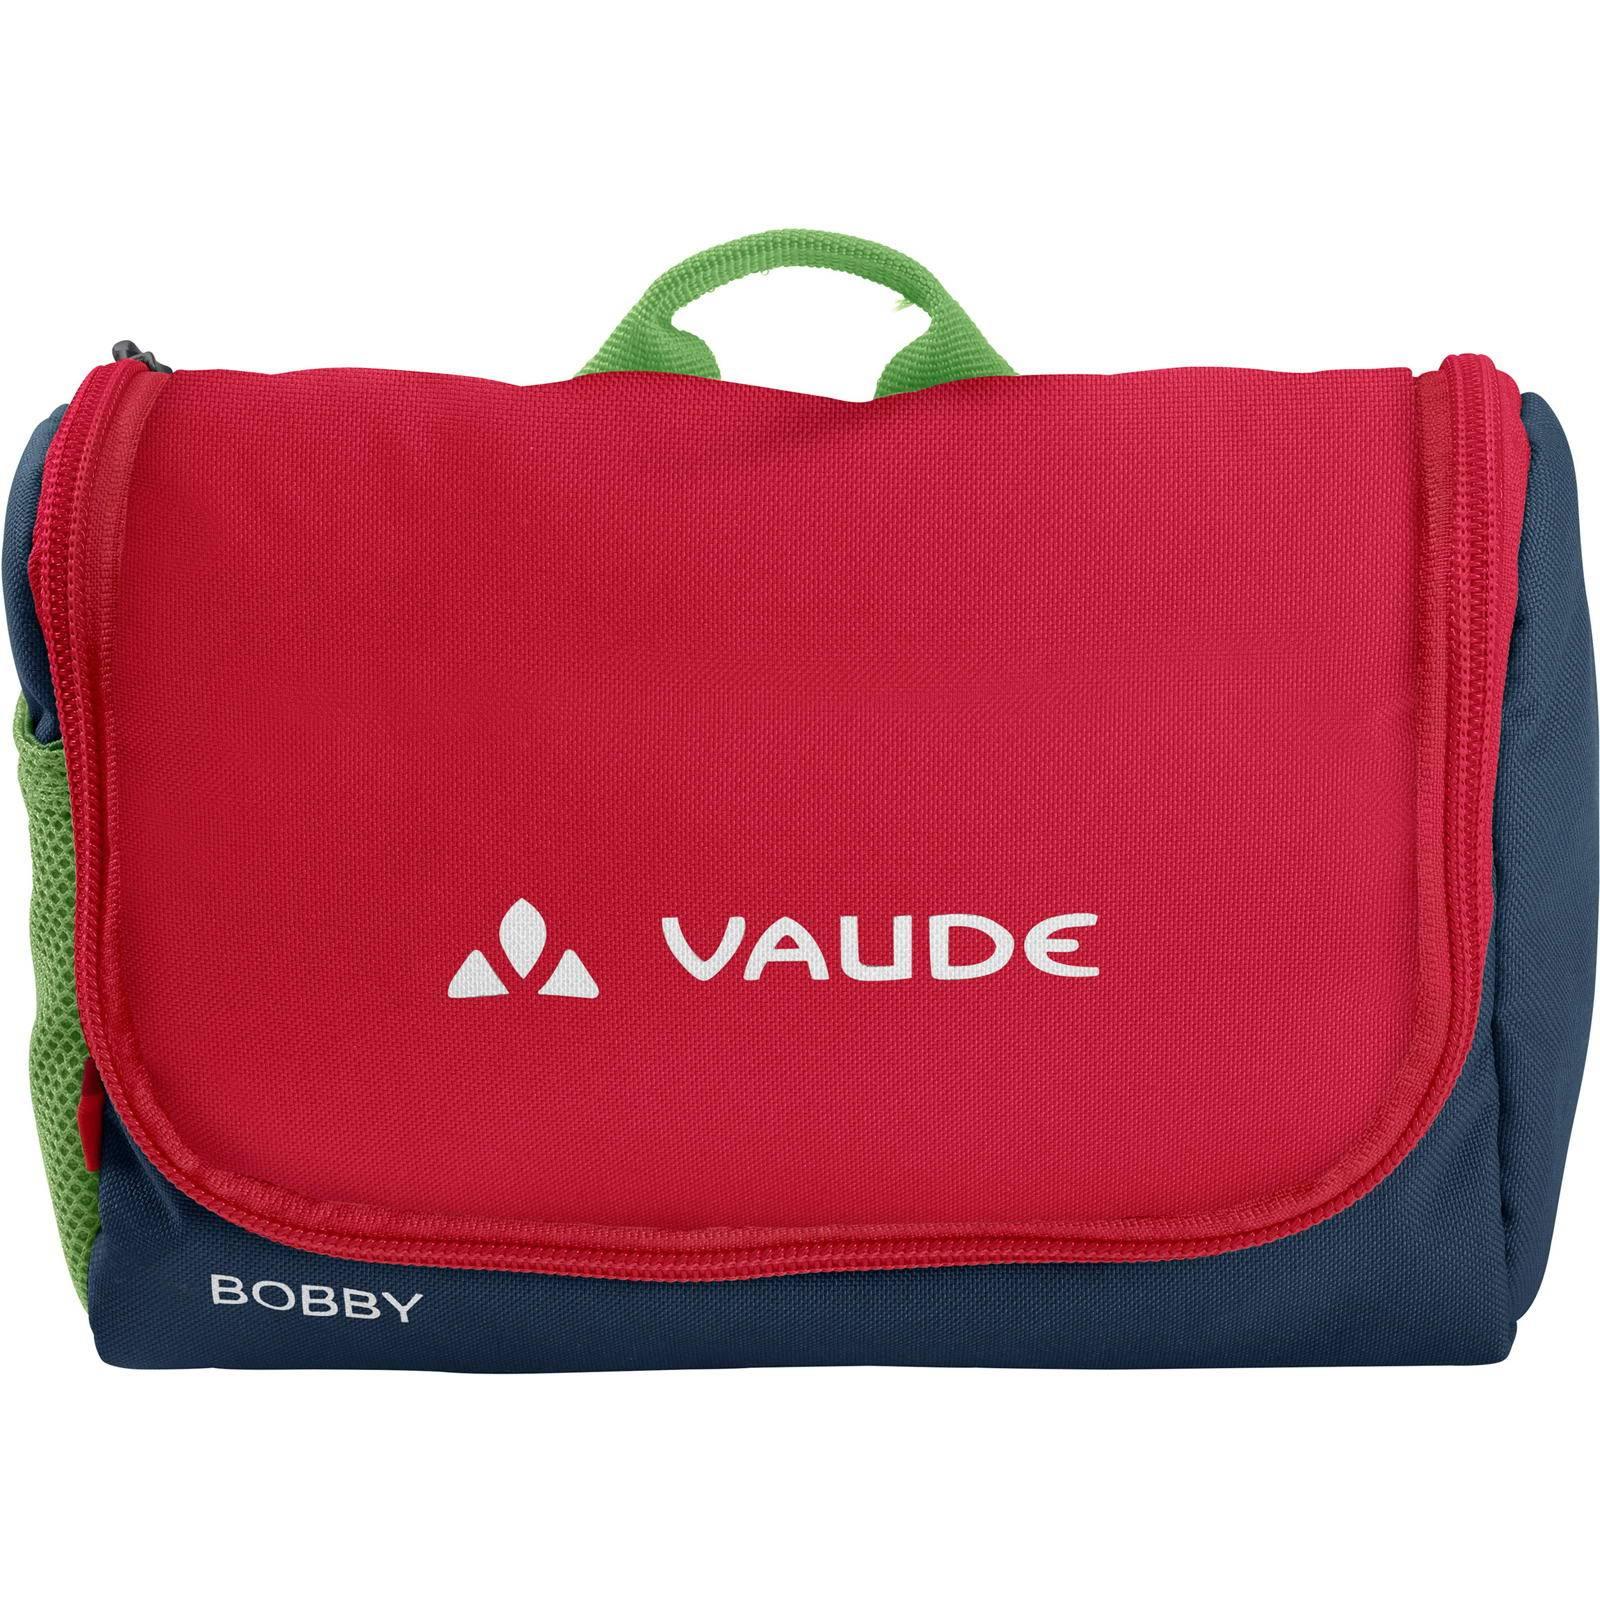 VAUDE Bobby - Waschtasche für Kinder marine red